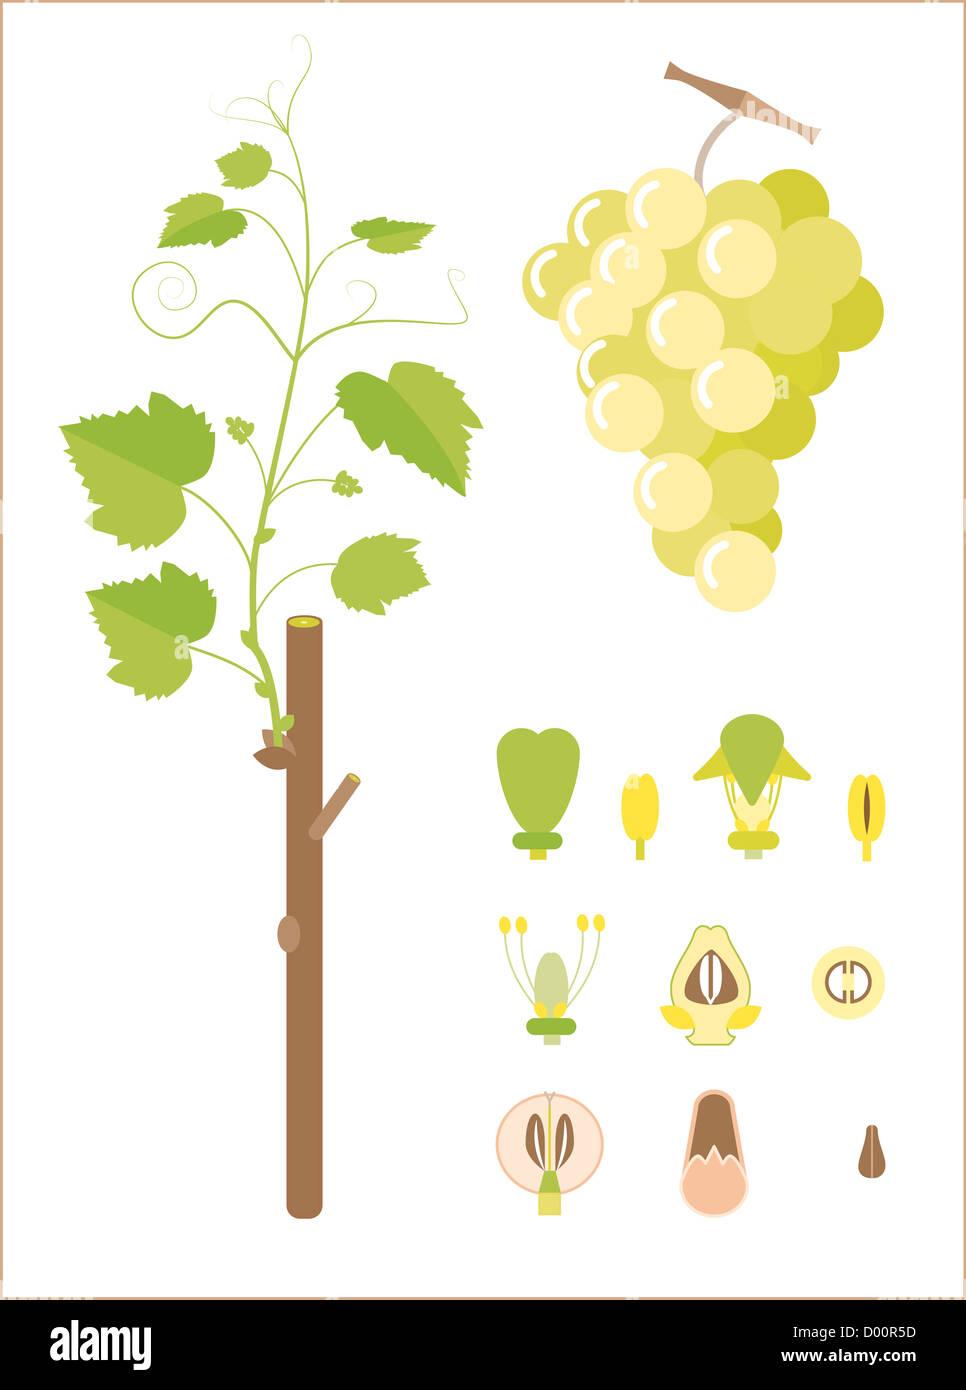 Anatomy Grape Stock Photos & Anatomy Grape Stock Images - Alamy